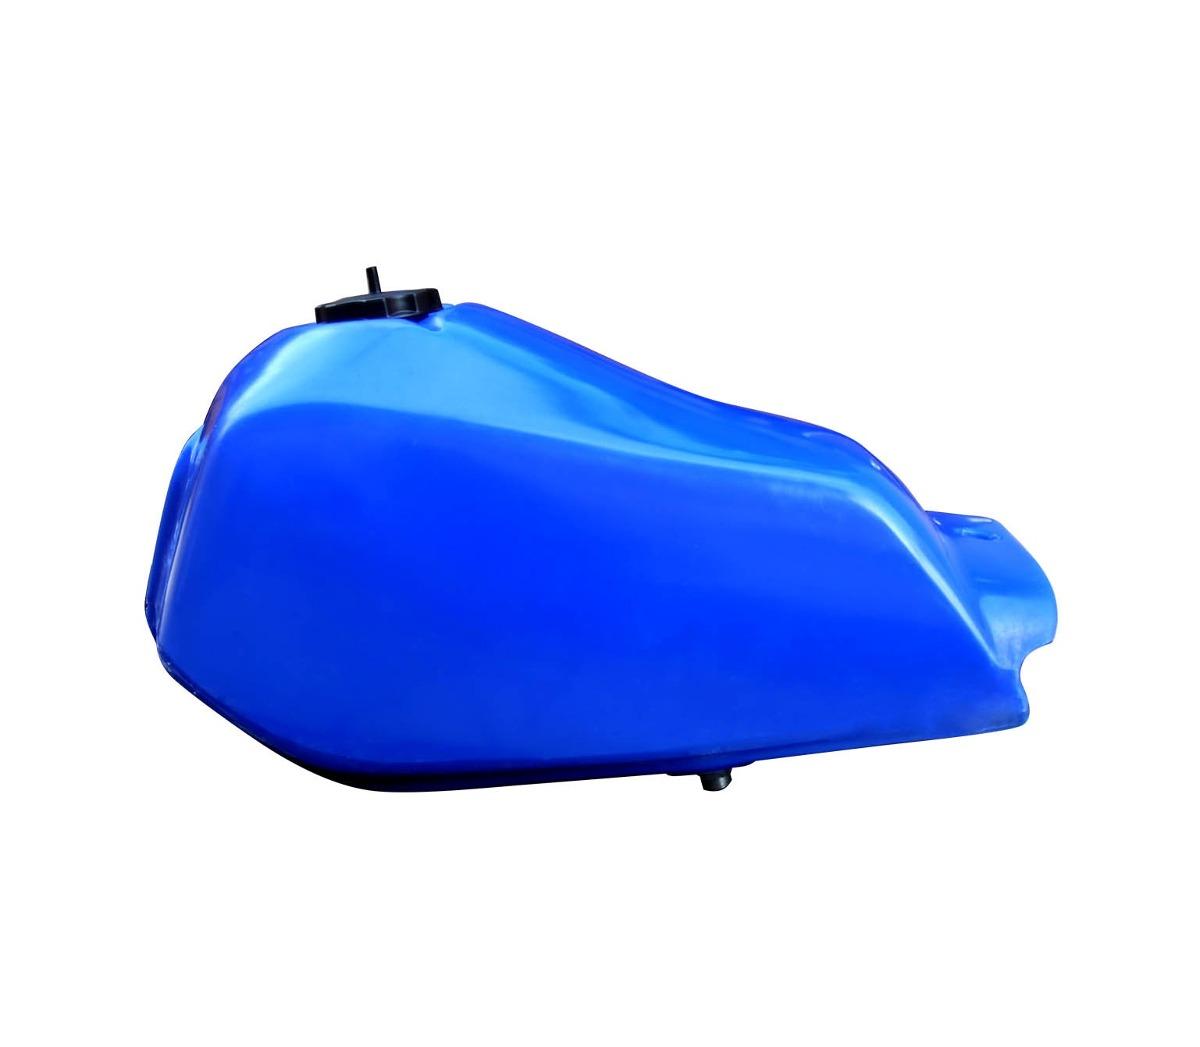 Tanque pl stico xcell xl 250 r 246 99 em mercado livre for Plastico para estanques